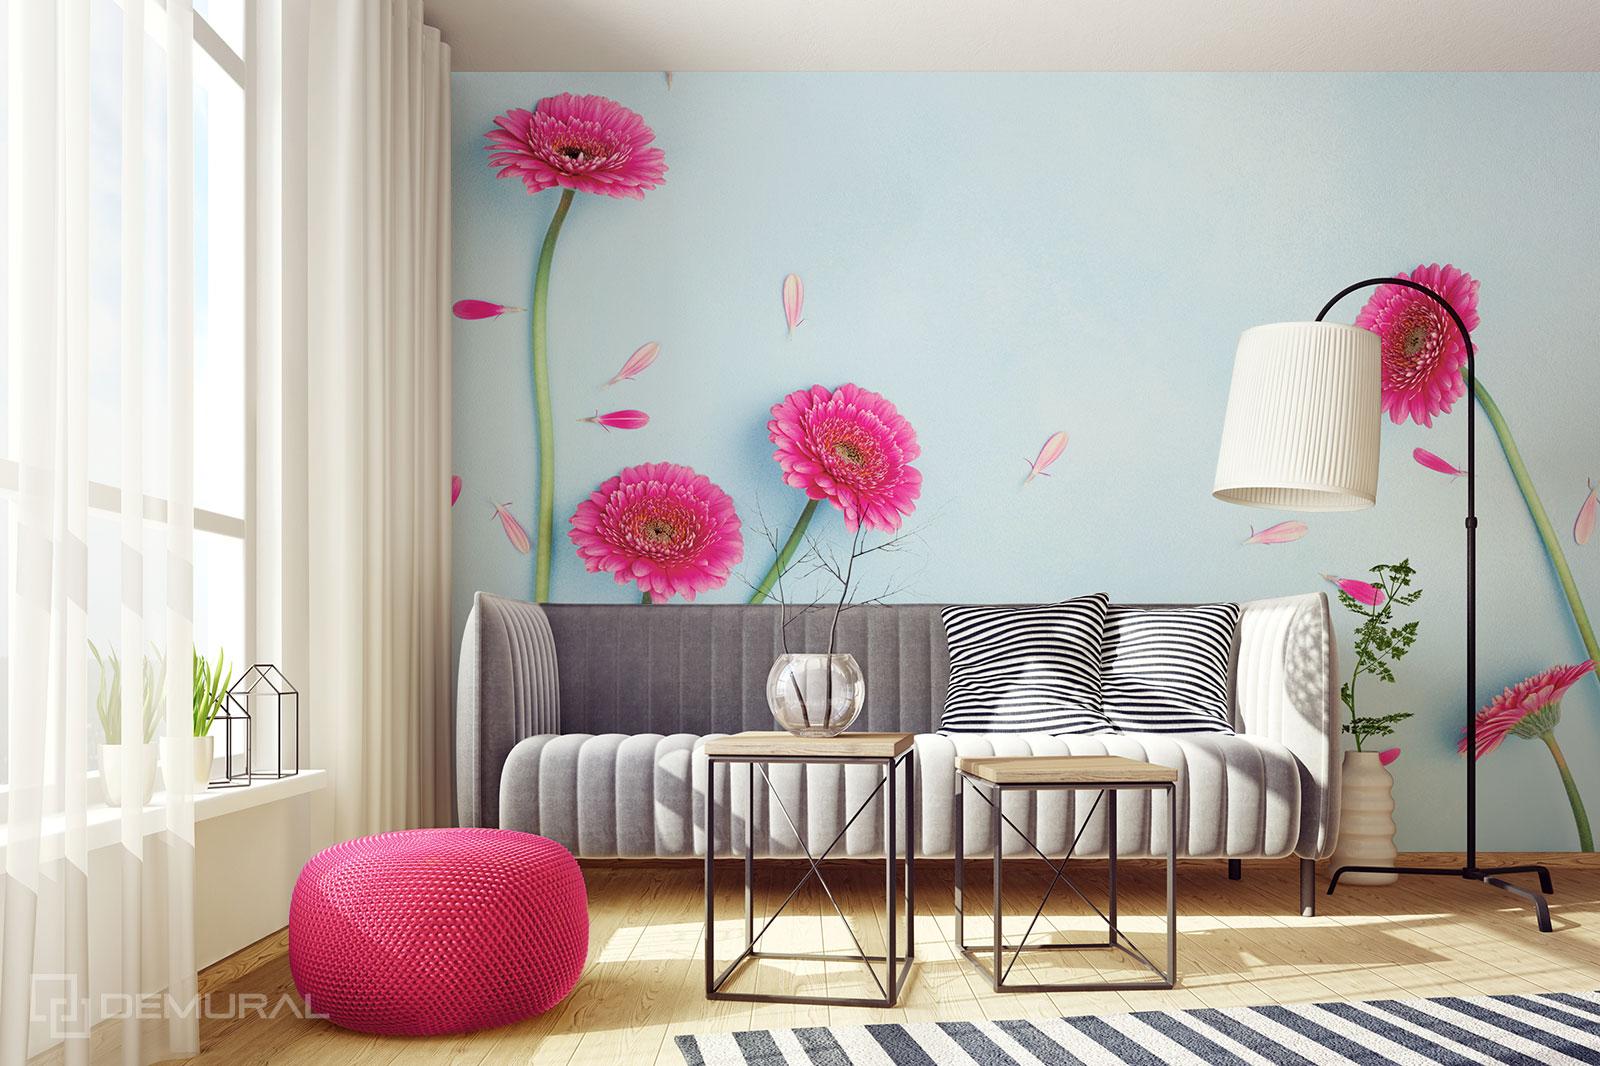 Papier peint Gerberas roses - Décorations florales - Demural